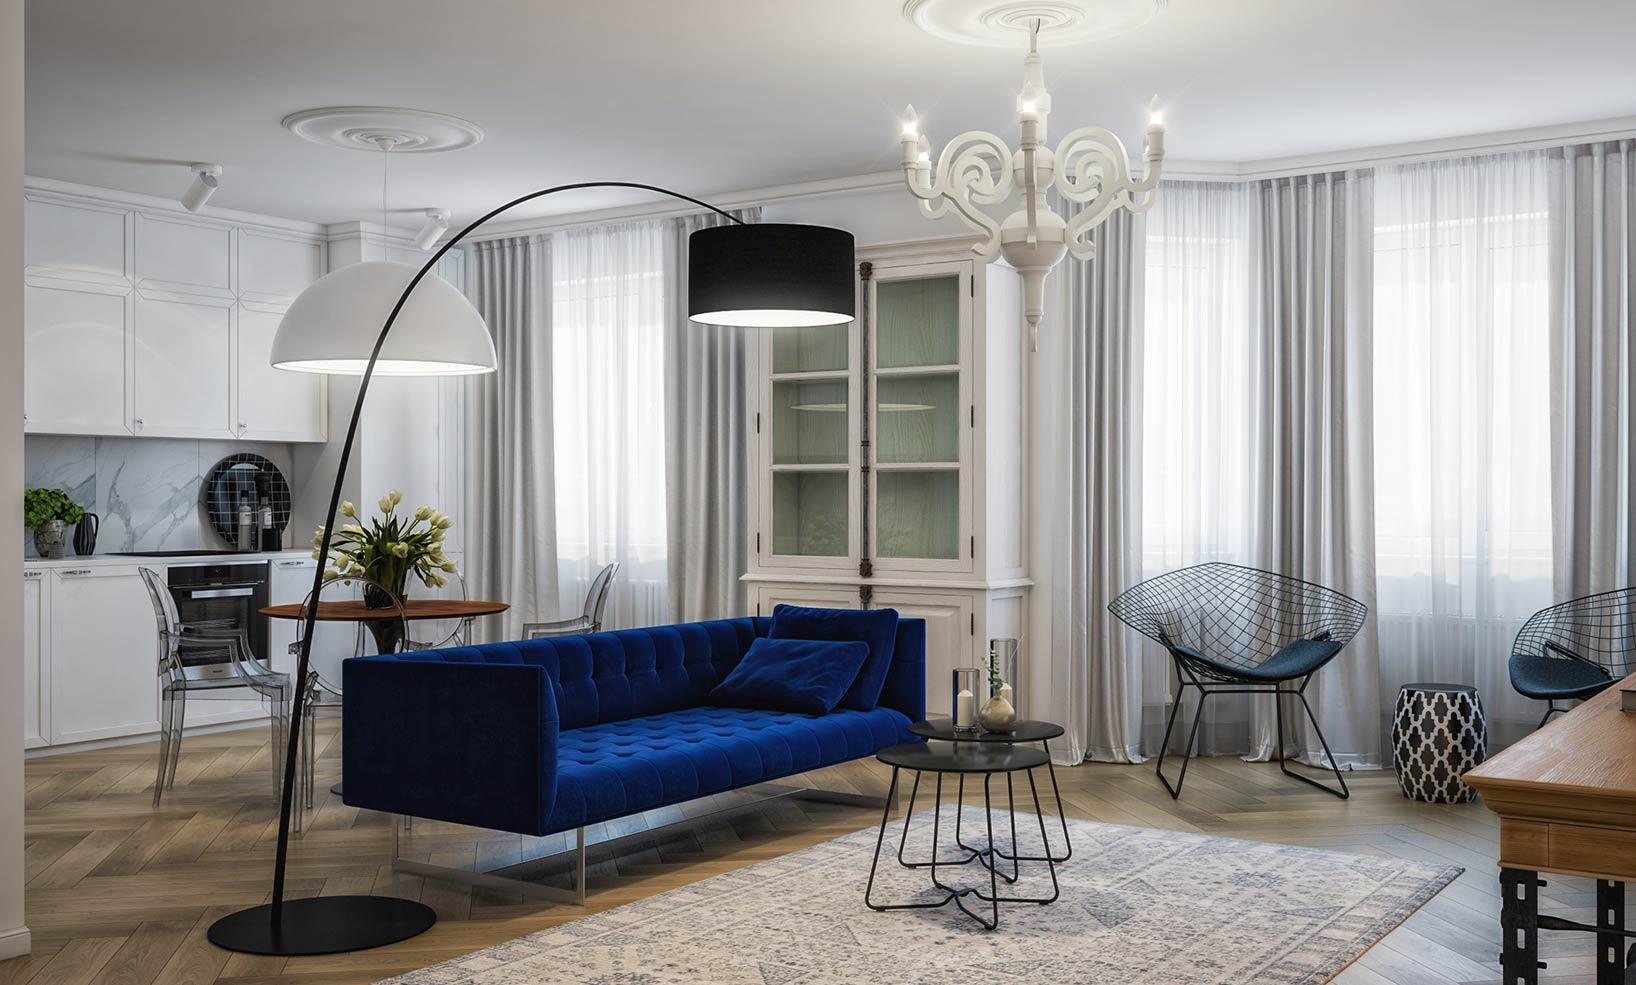 holly golightly - Идеи интерьера для квартиры-студии